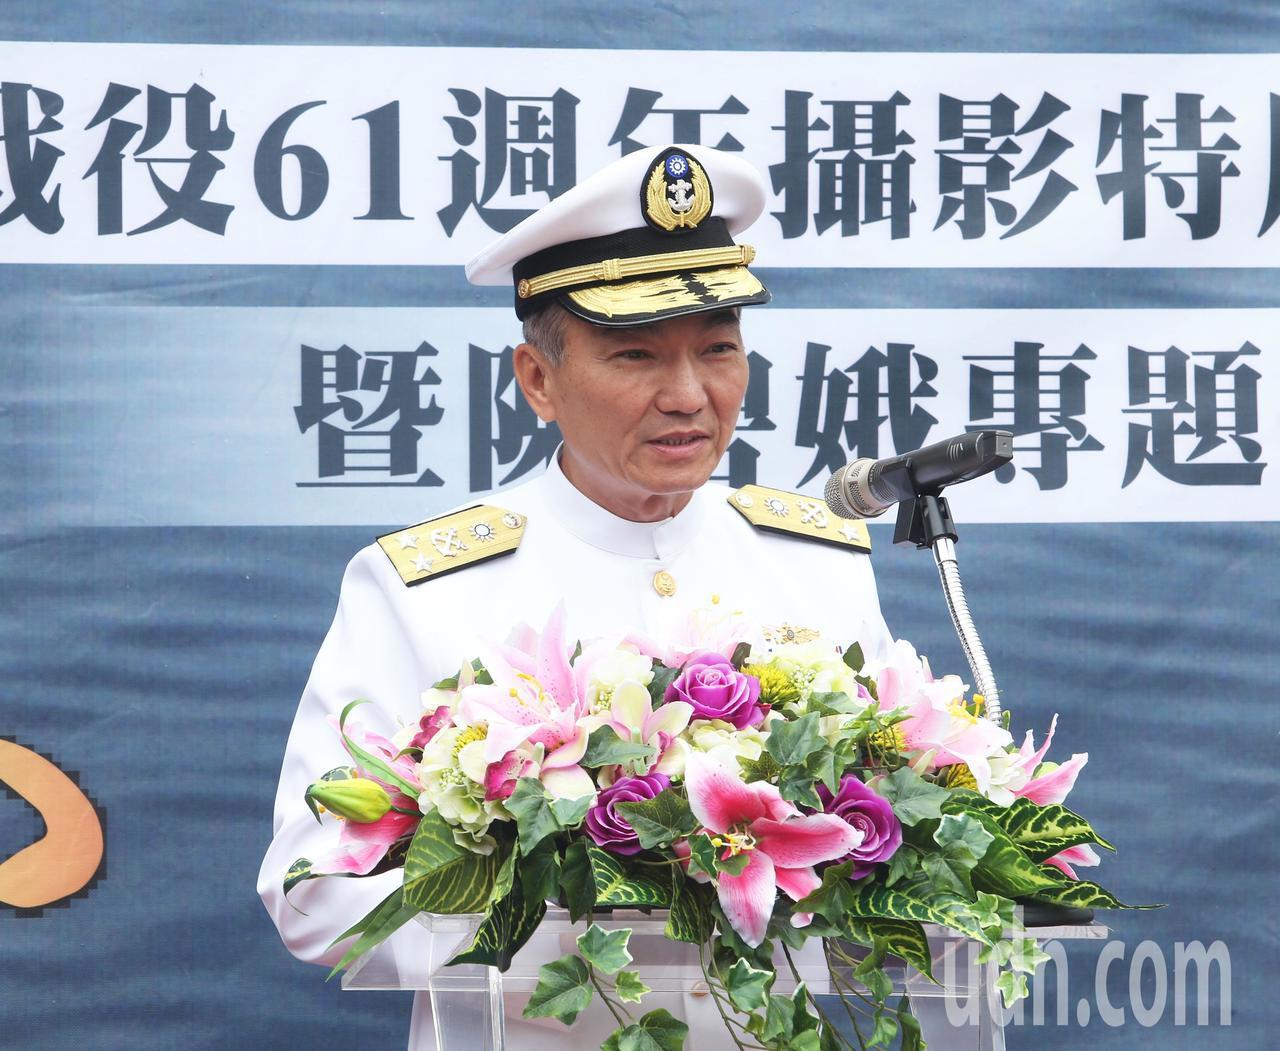 海軍艦隊指揮官李宗孝中將主持攝影展開幕。記者劉學聖/攝影